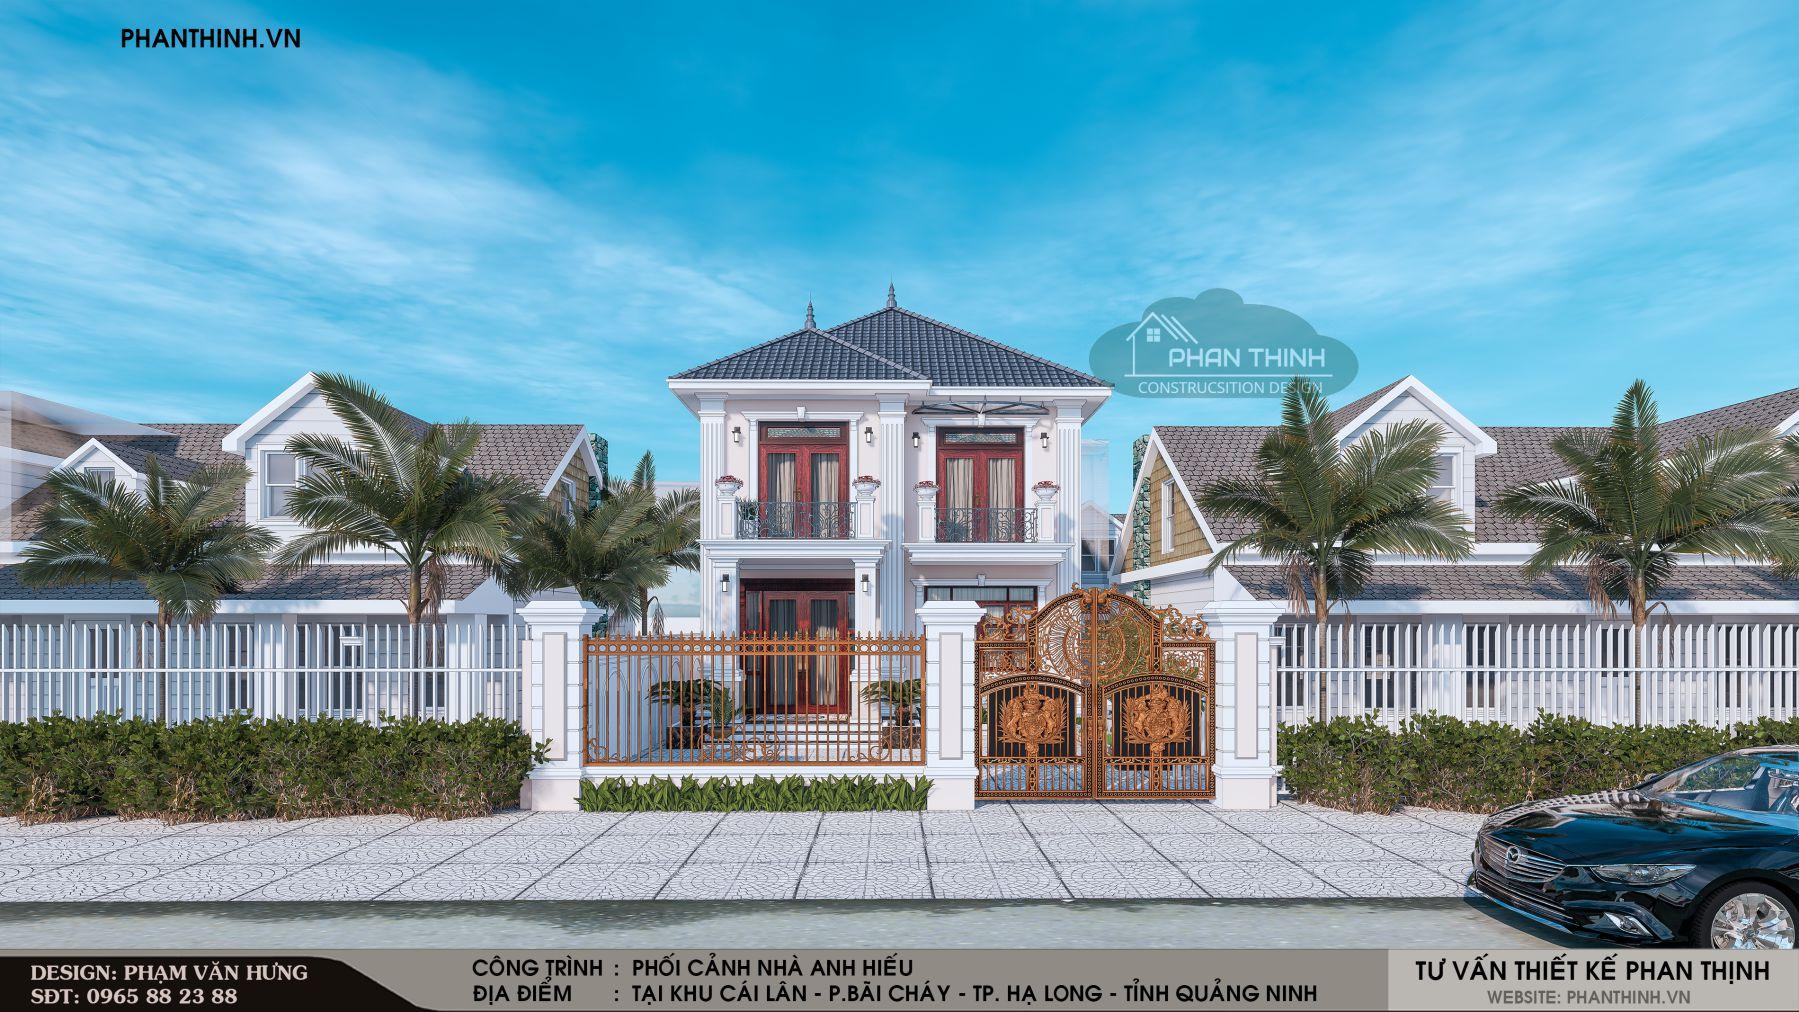 Mẫu thiết kế nhà mái thái 2 tầng phong cách tân cổ điển tại Quảng Ninh